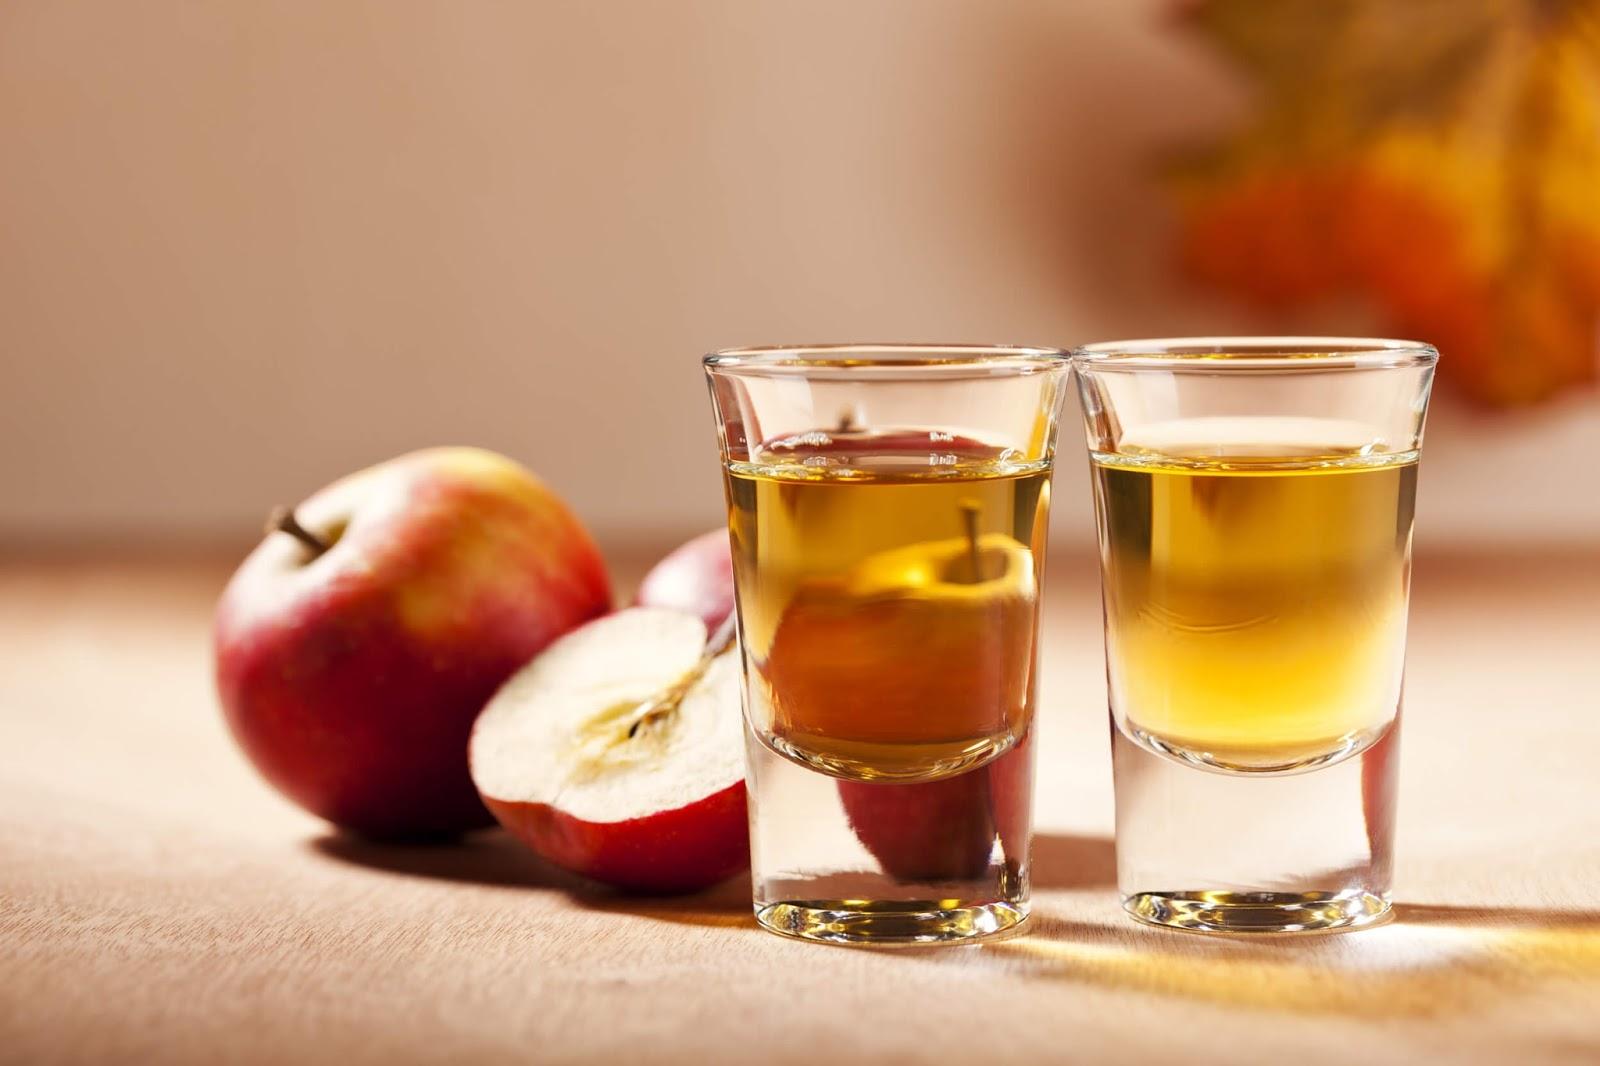 صور فوائد خل التفاح , قاهر الدهون خل التفاح